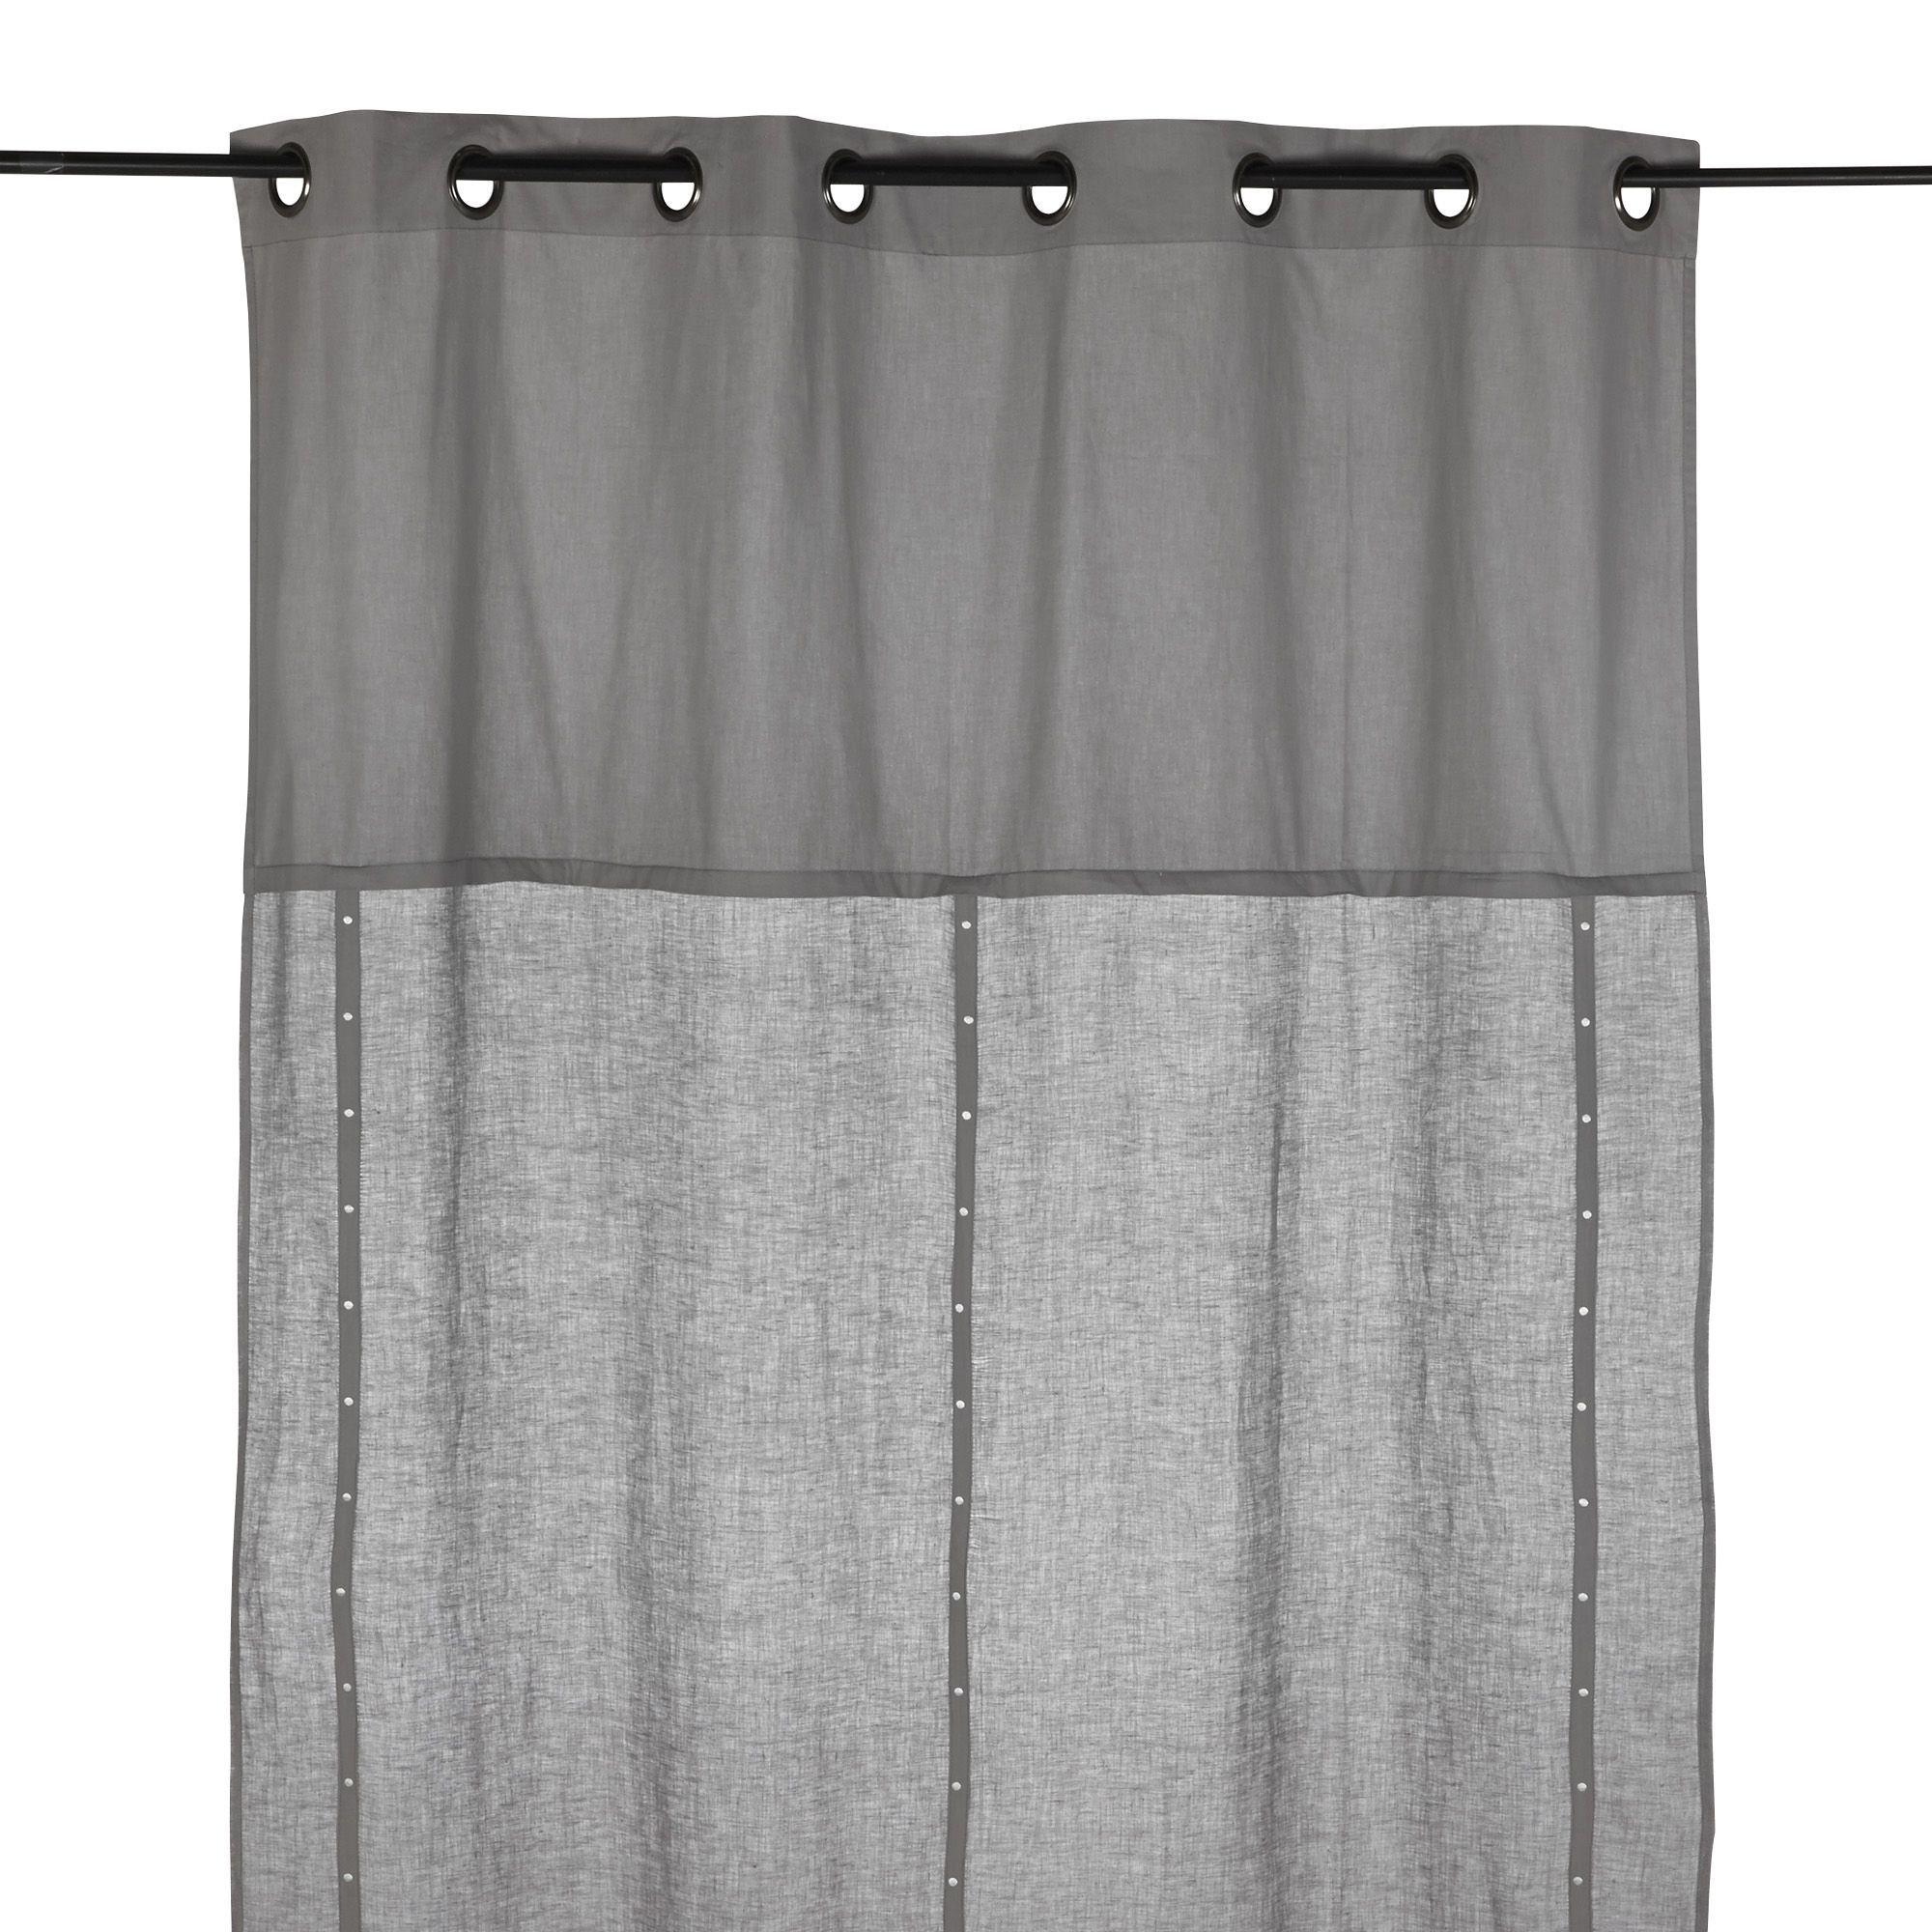 rideau illets en lin et coton couleur gris gris plumetis les rideaux - Rideaux Salon